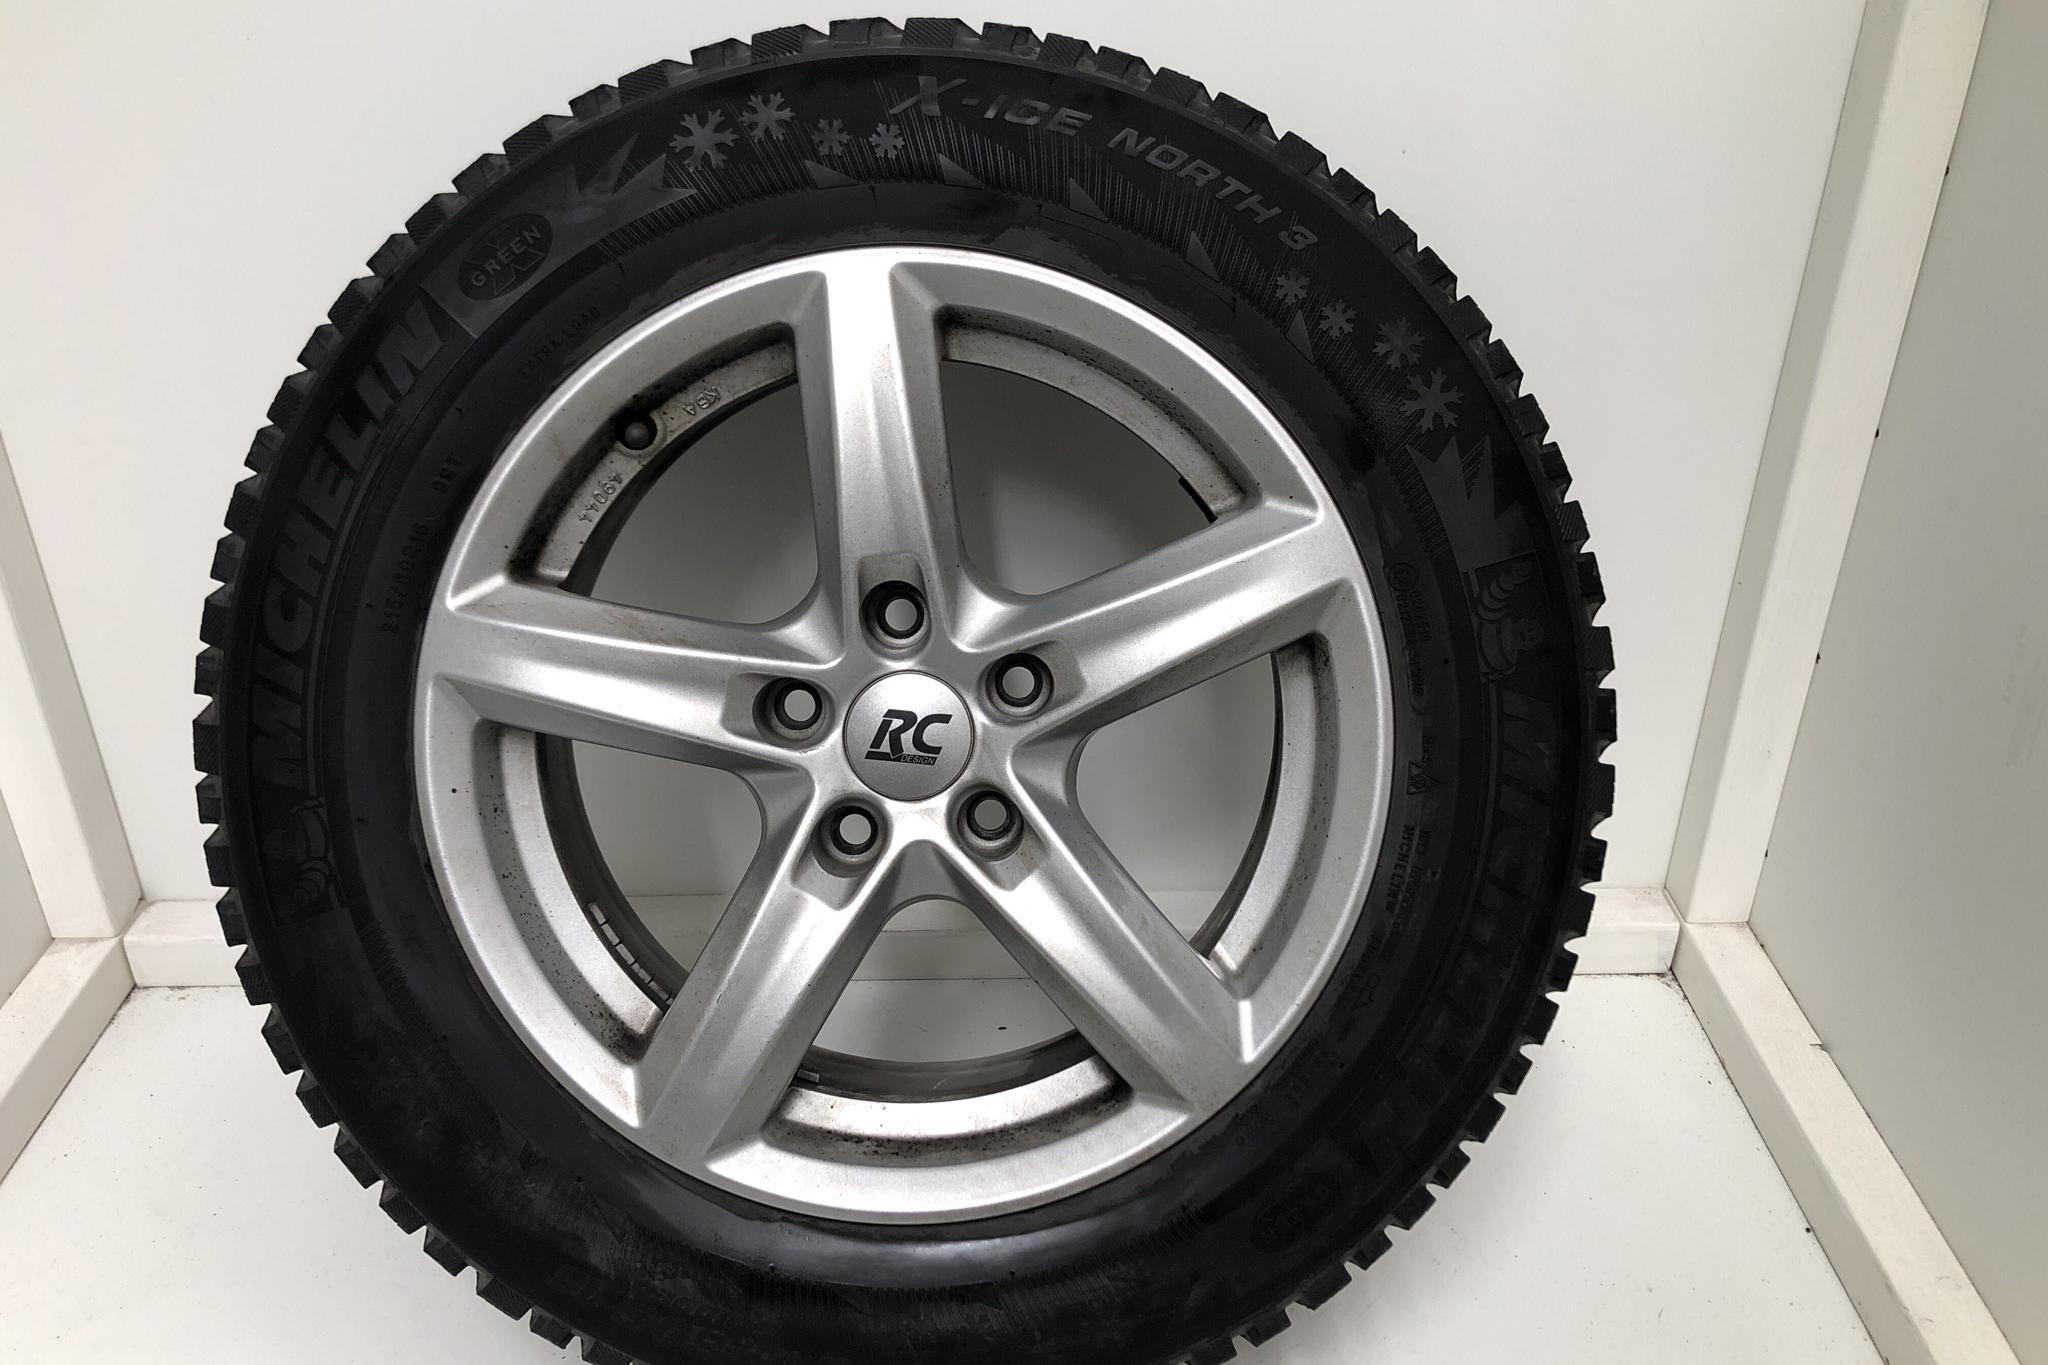 VW Passat 2.0 TDI Sportscombi 4MOTION (190hk) - 12 137 mil - Automat - vit - 2016